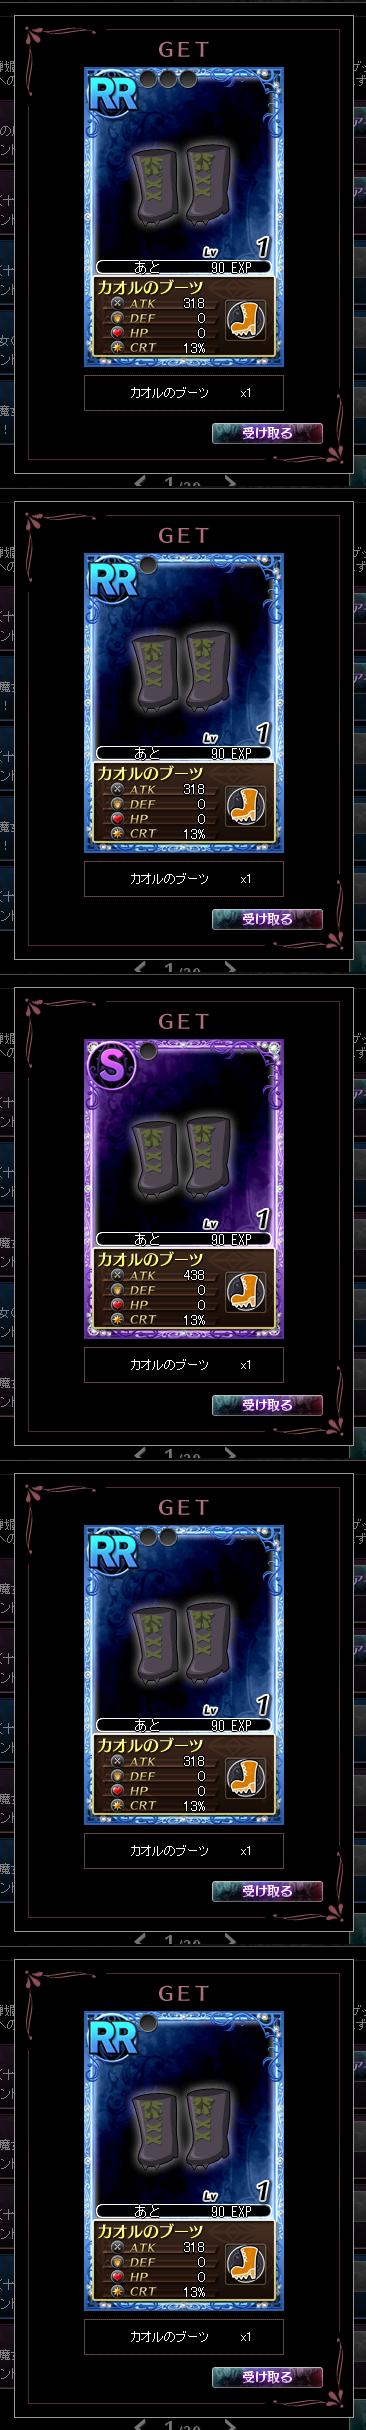 2013/10/14 カオルのブーツ8(救援)